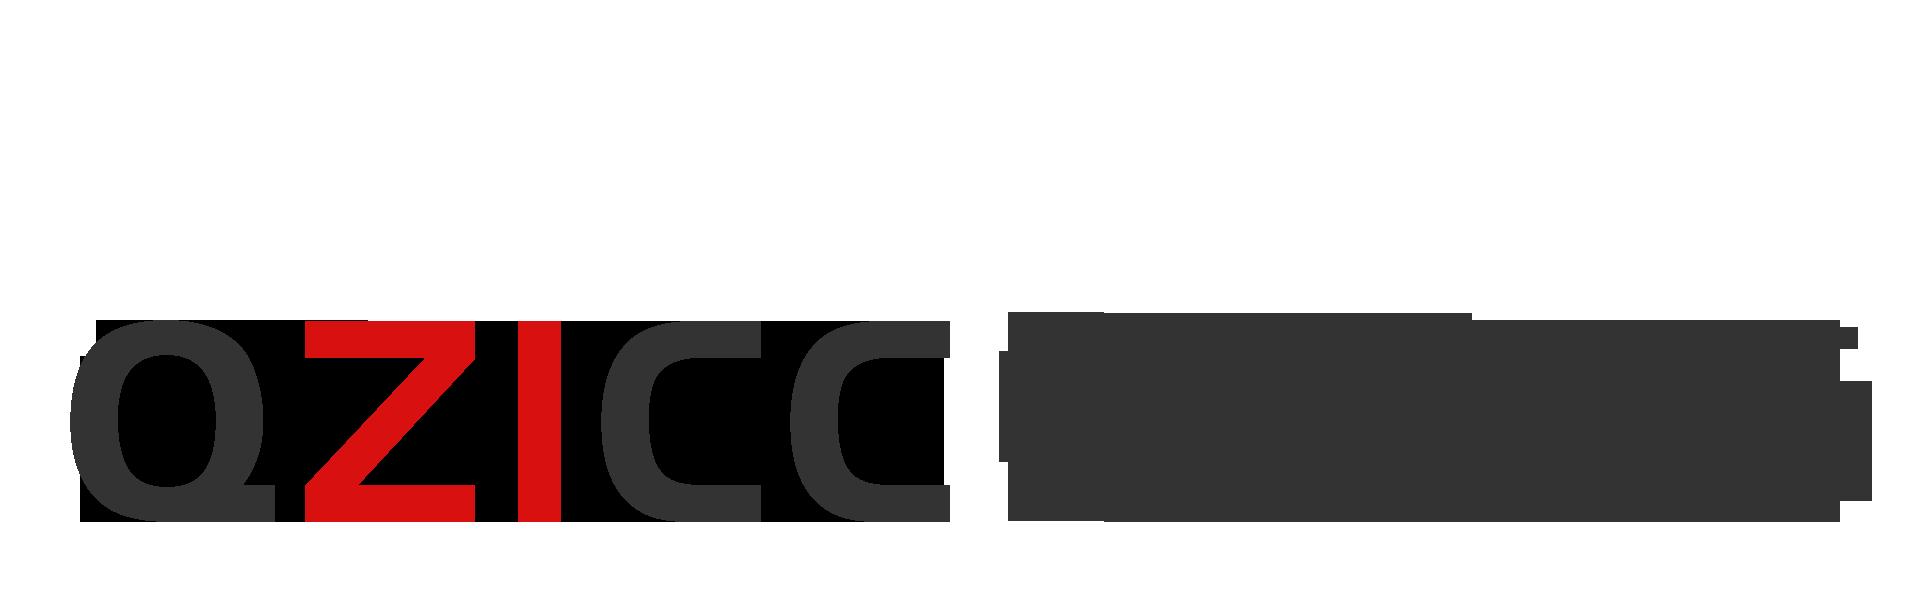 青岛中洲国际经济技术合作有限公司